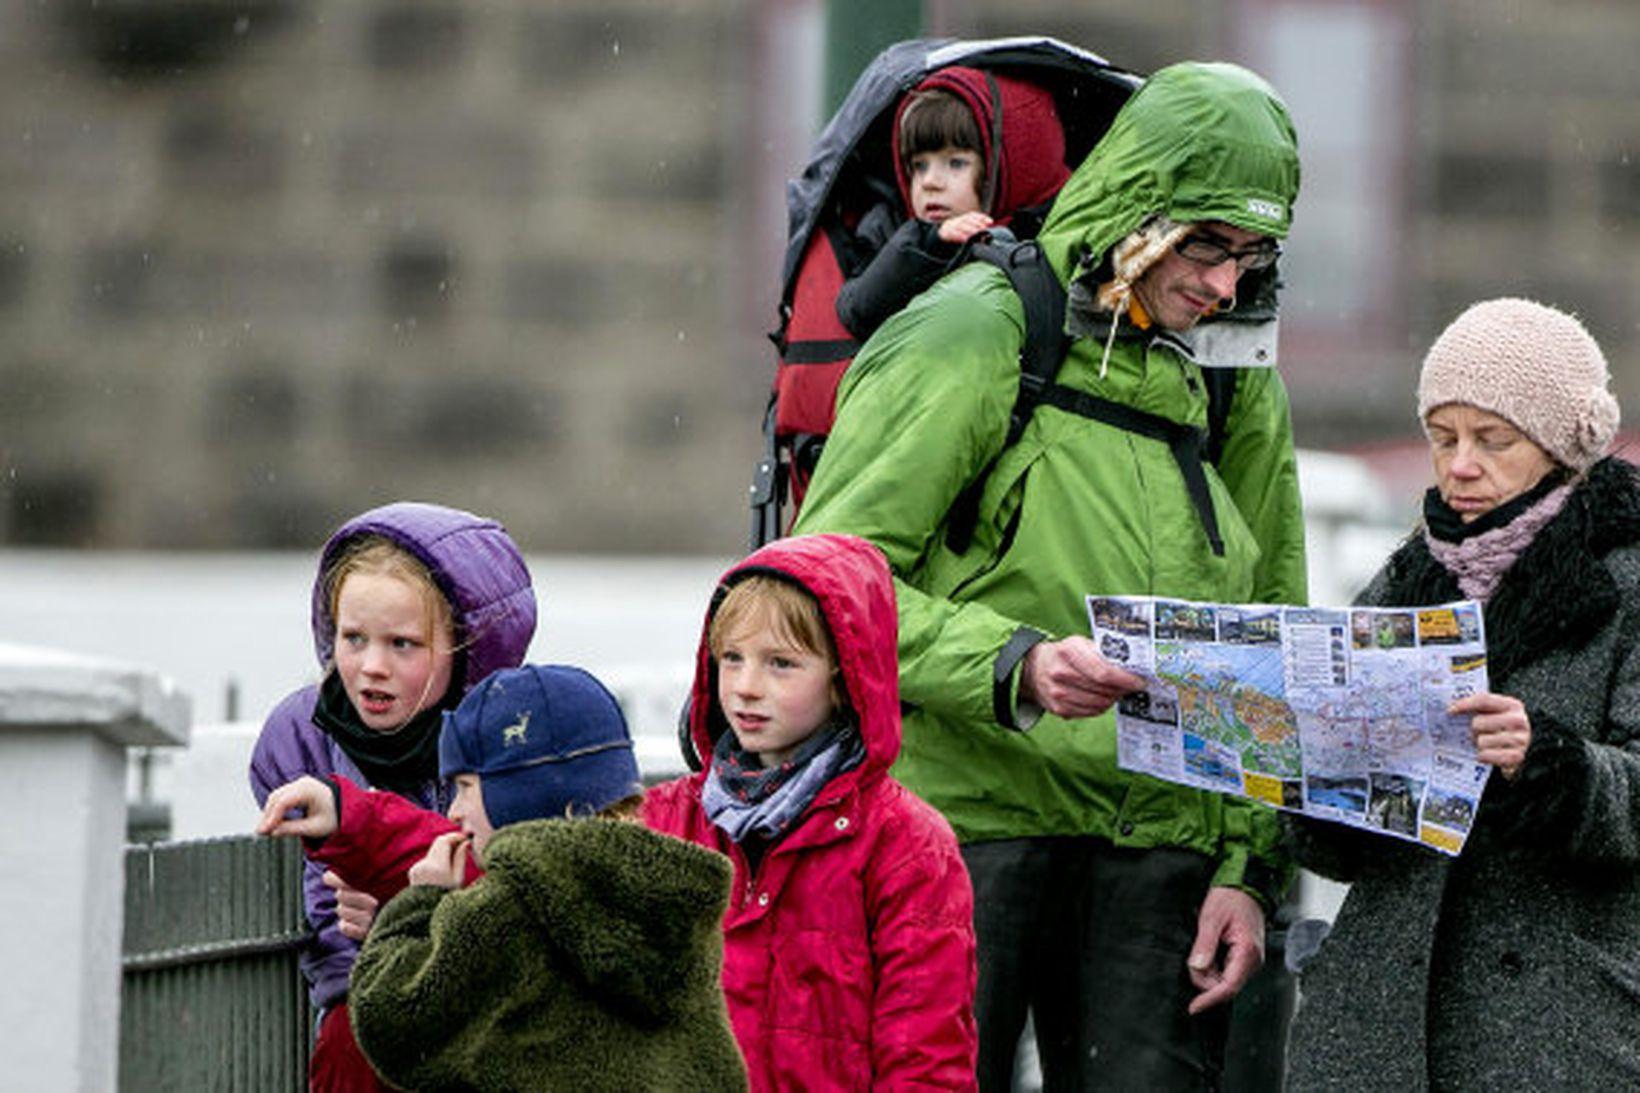 Ferðamenn neyðast til þess að abóka ferðir sínar til Íslands.